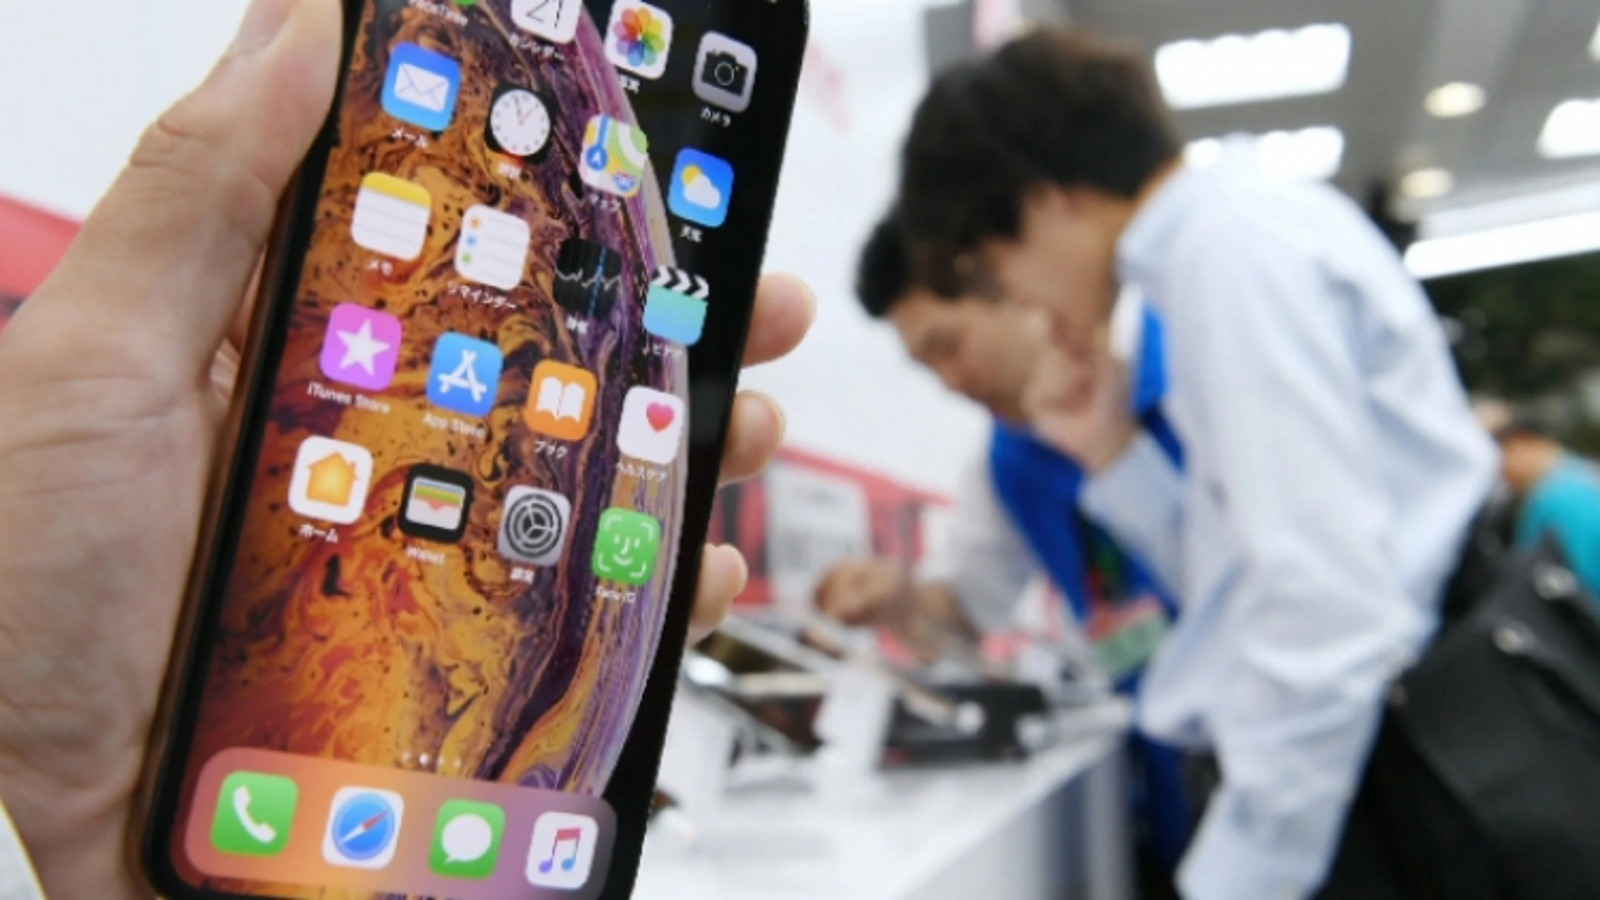 Tân Thủ tướng Nhật Bản sẽ giảm cước điện thoại di động